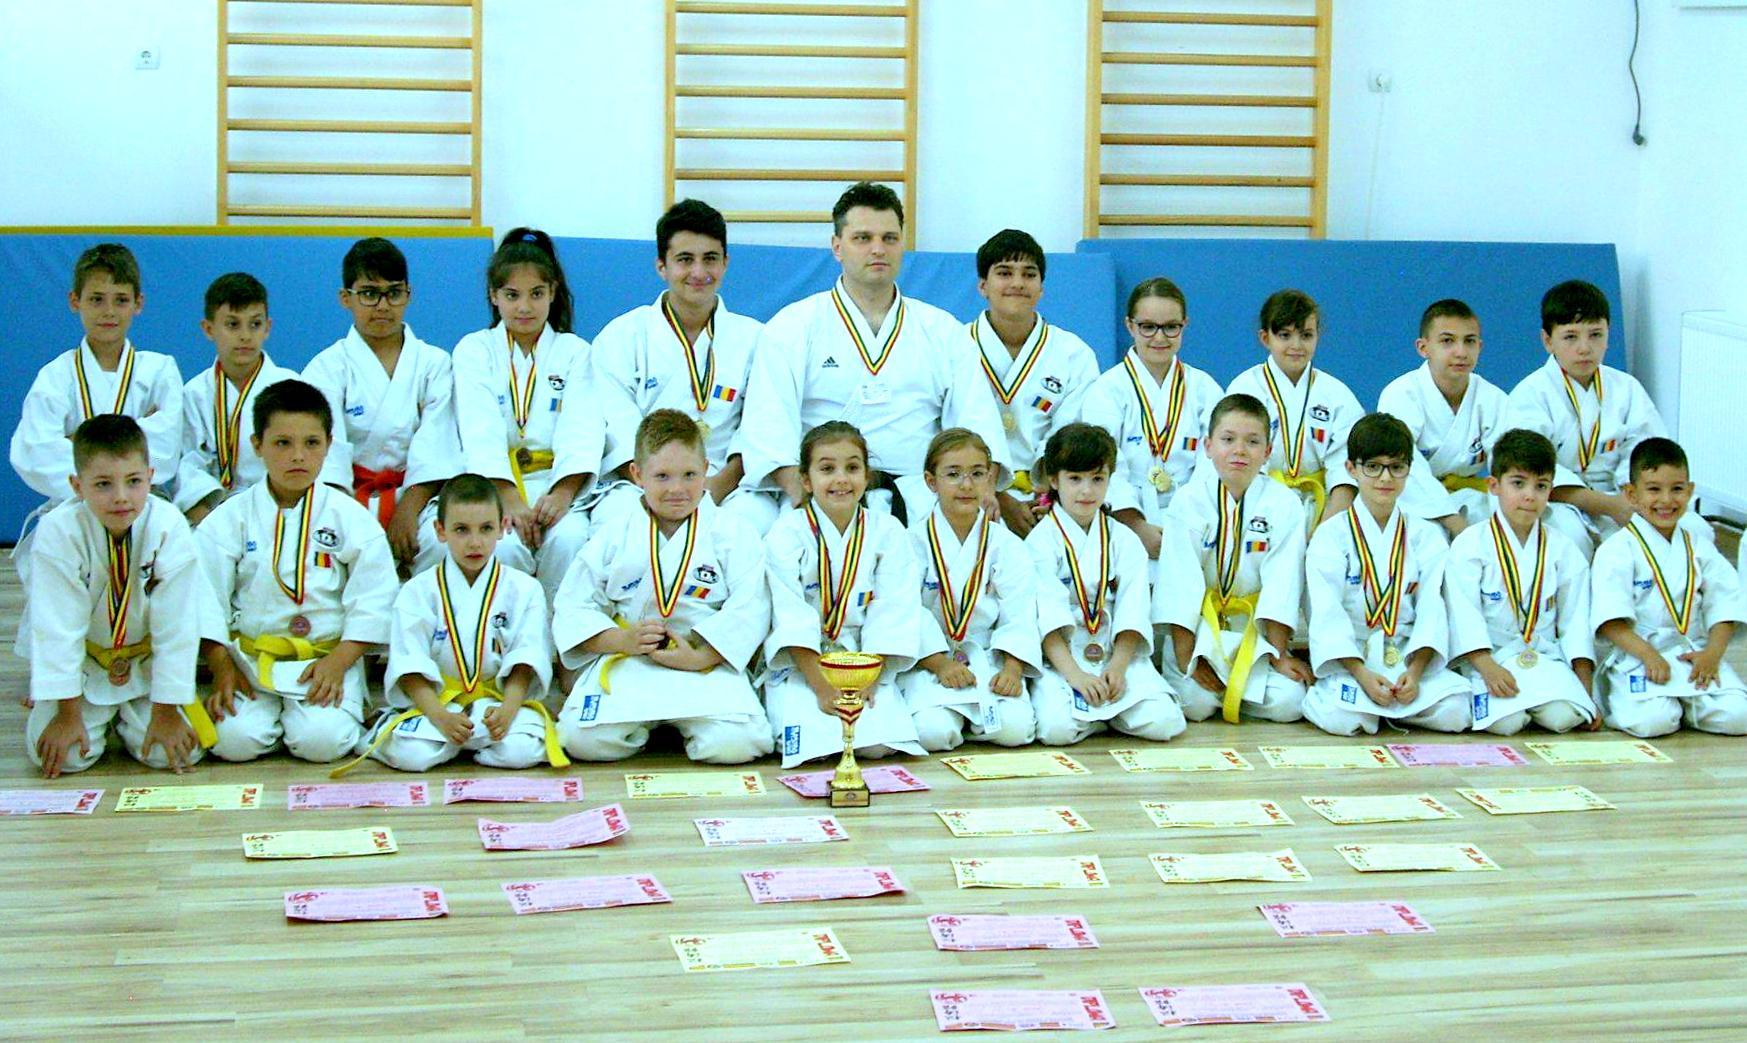 29 de medalii obținute de A.C.S. Seishindokan la Cupa României la Karate SKDUN, dintre care 14 de aur